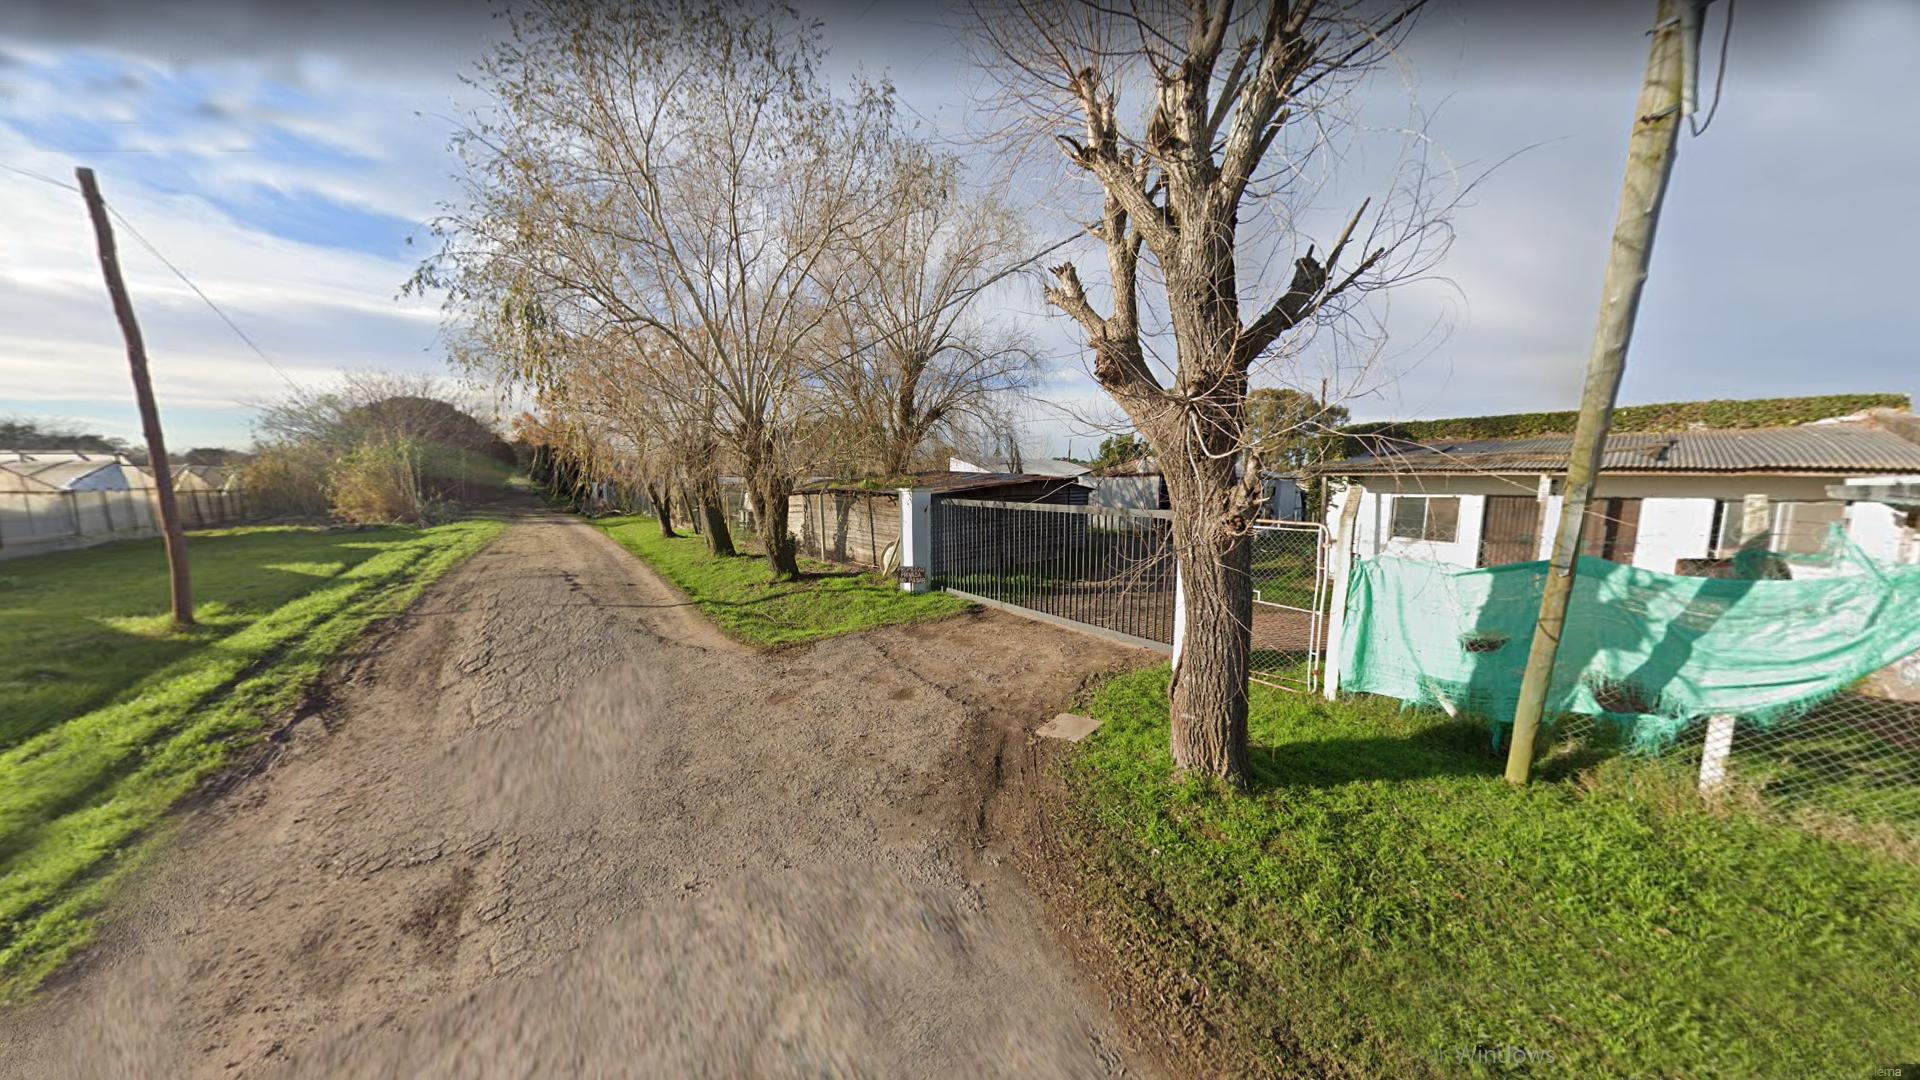 Brutal ataque en La Plata: apuñaló a su vecino con una cuchilla de cocina tras una discusión